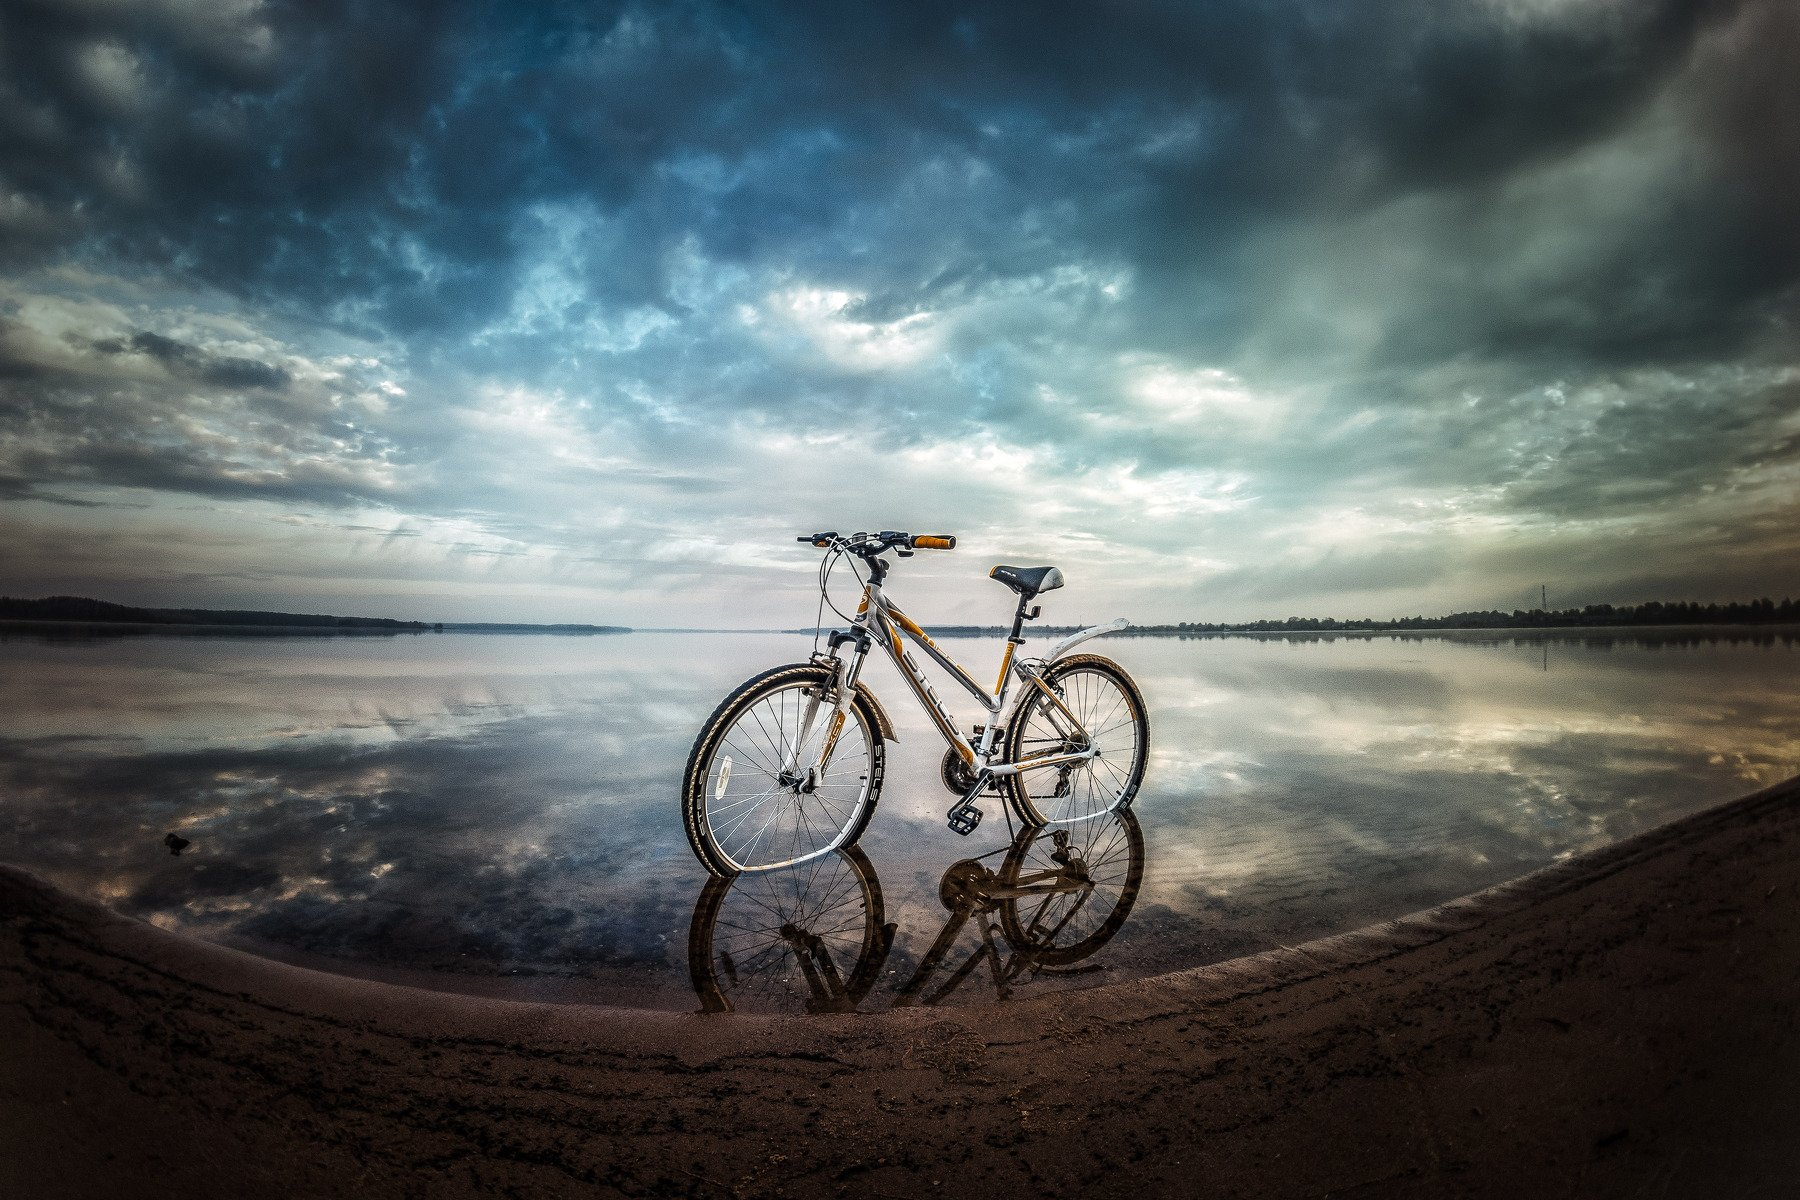 утро озеро велосипед облака берег отражение пеленг, Афиногенова Татьяна